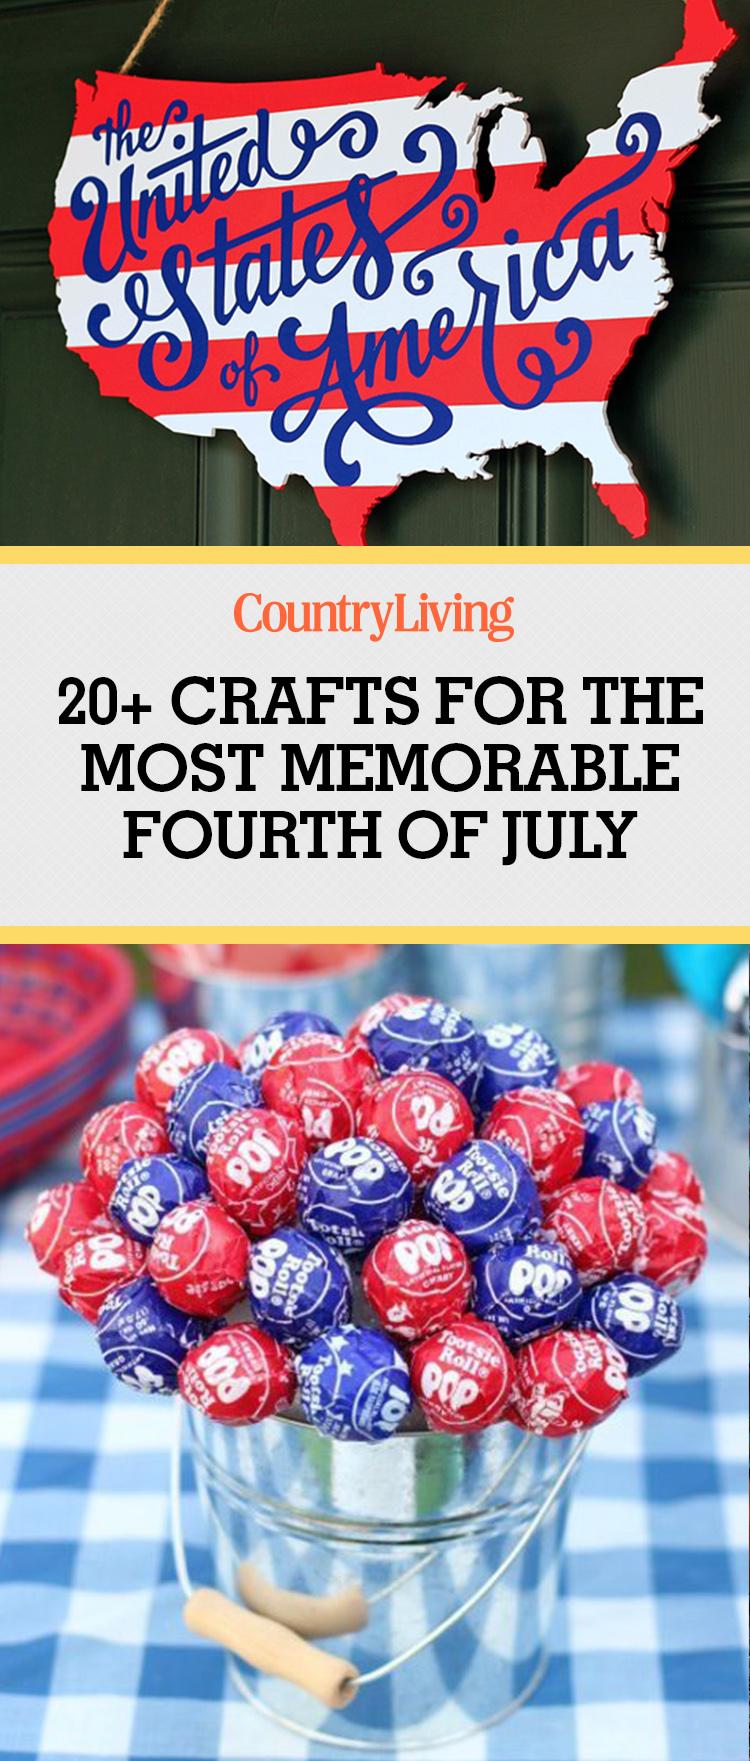 26 Easy 4th of July Crafts - Patriotic Craft Ideas & DIY ...